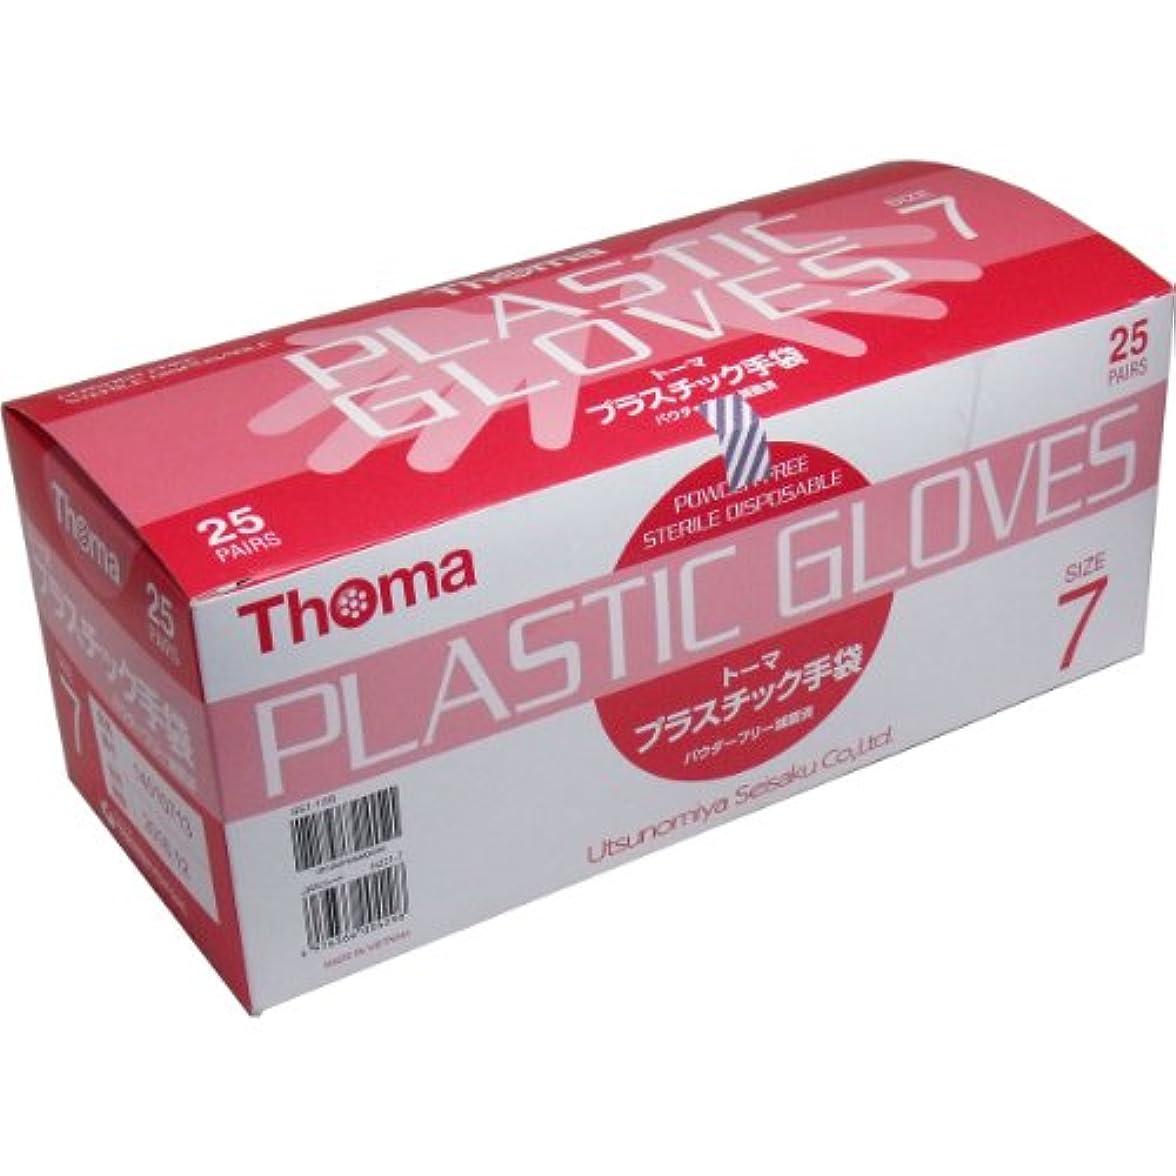 中絶のために二十トーマ プラスチック手袋 パウダーフリー 滅菌済 サイズ7 25双入